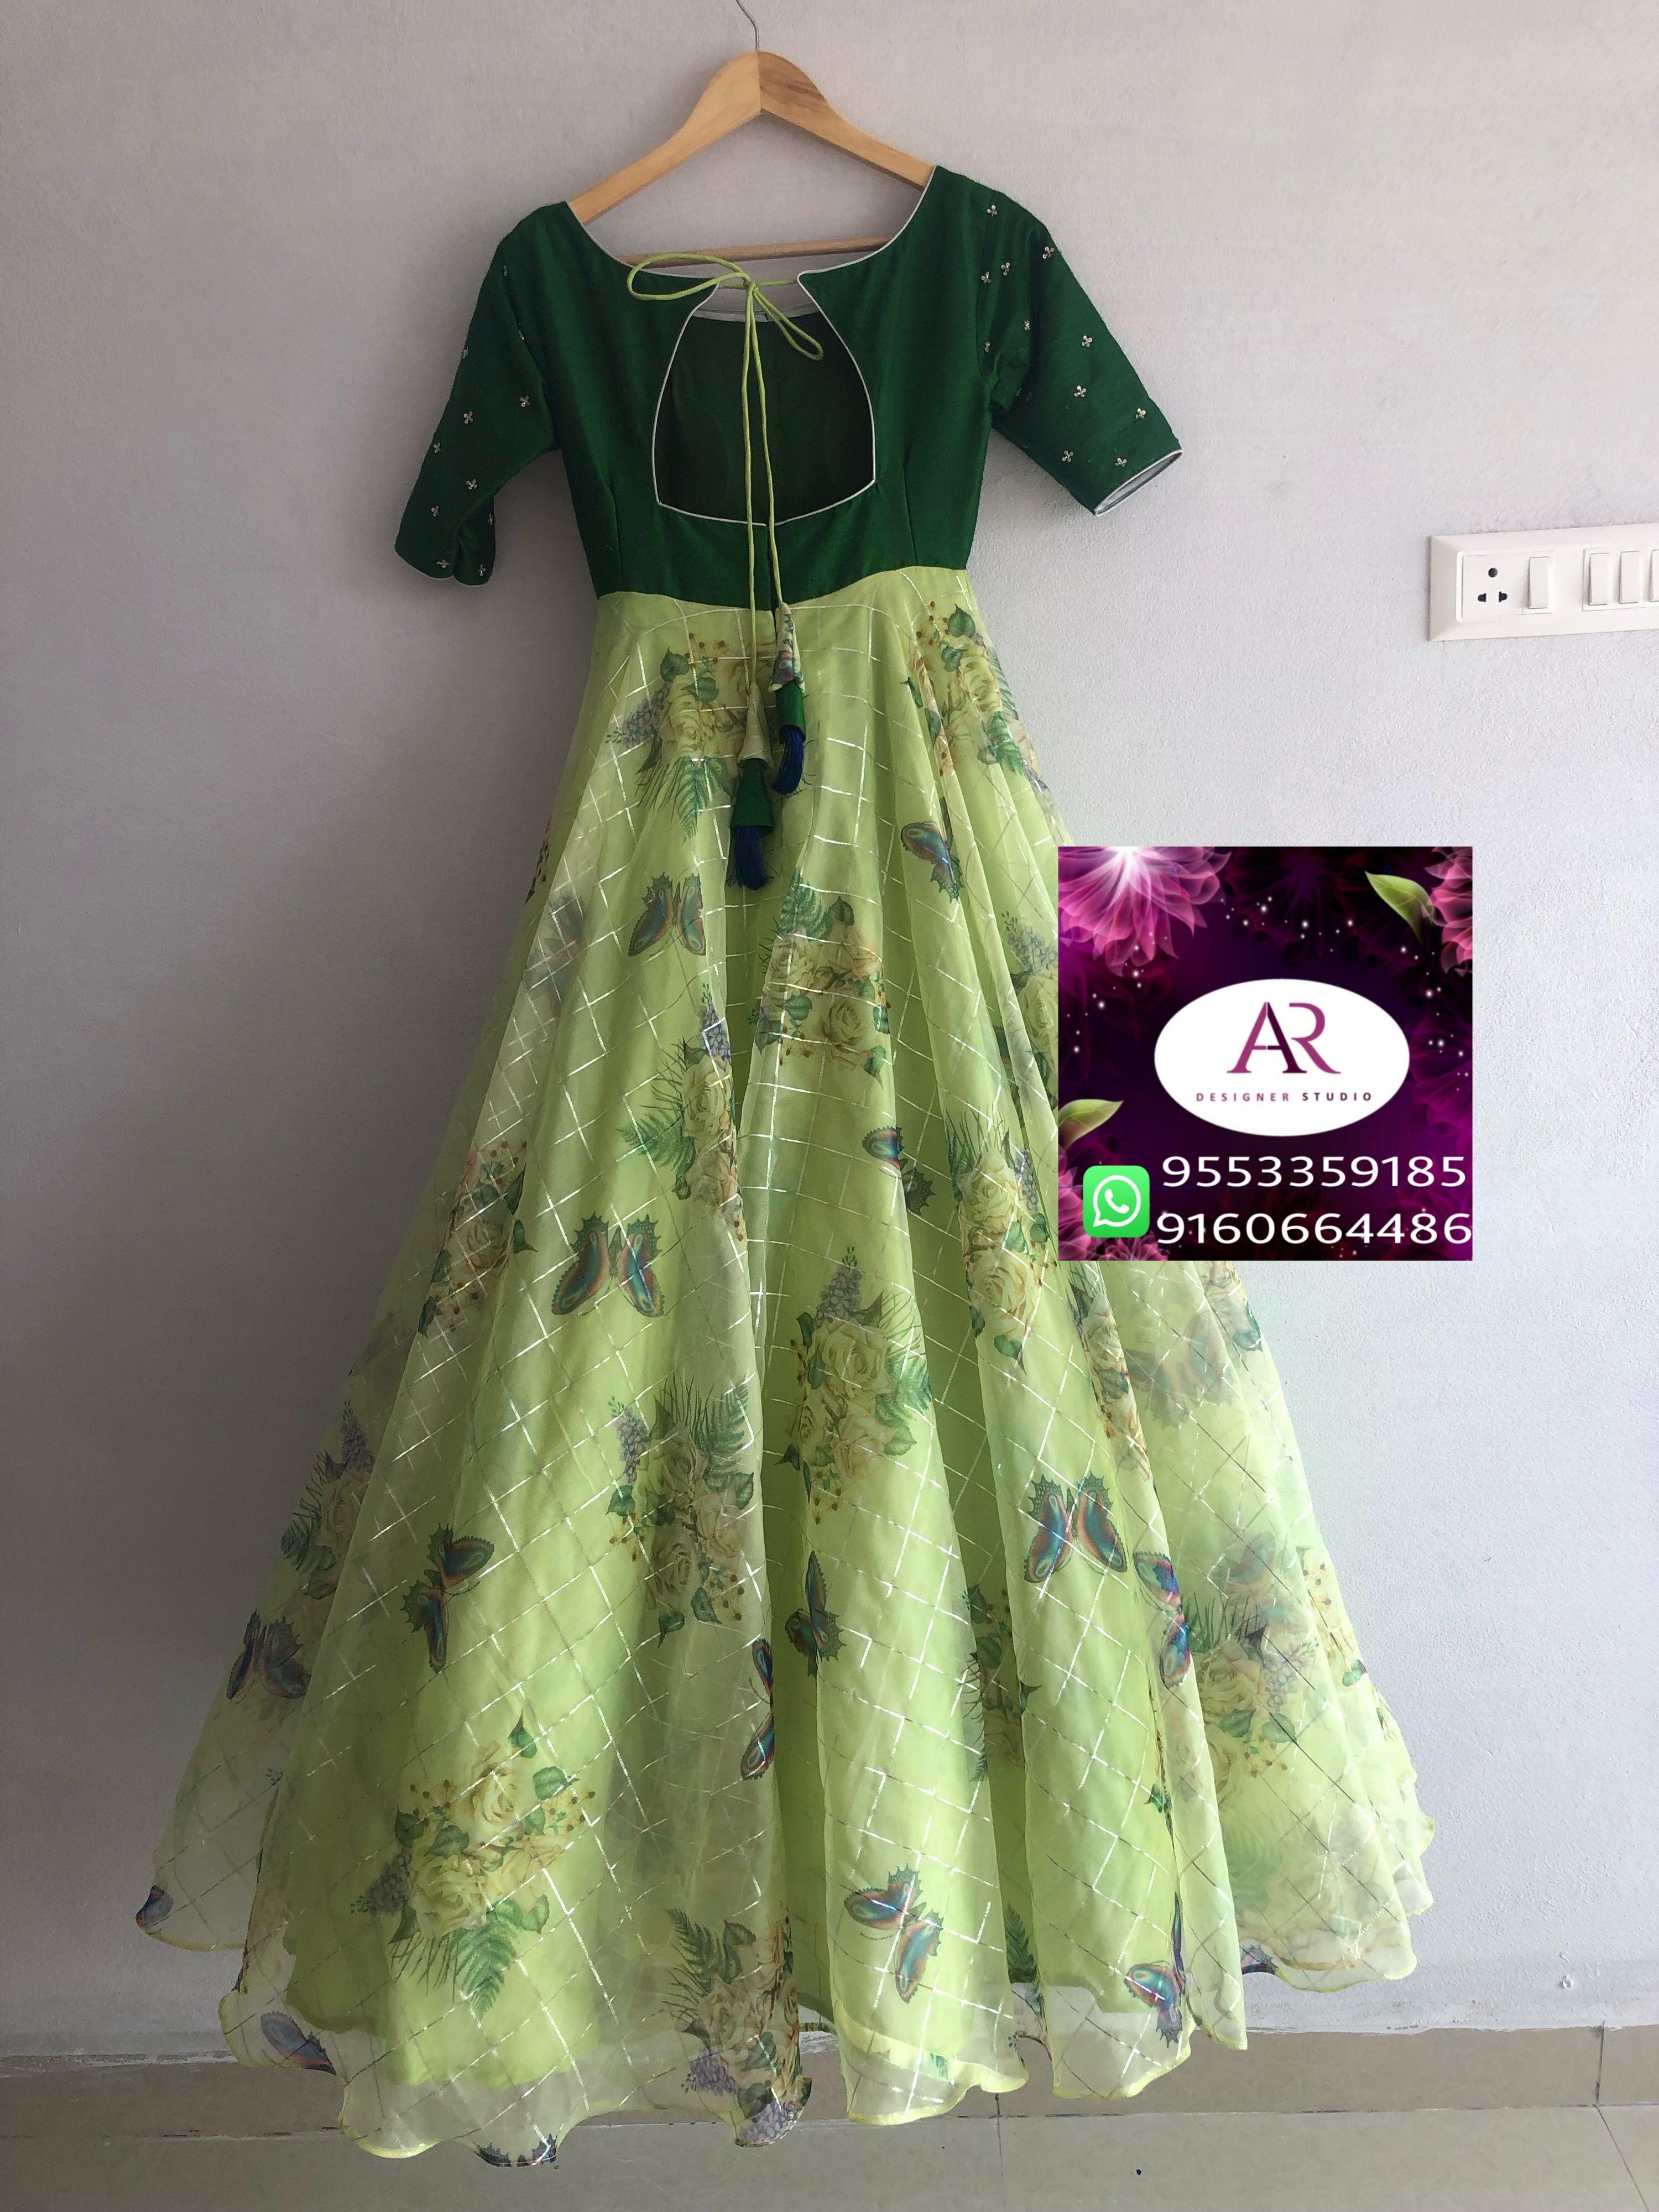 Pin By Sivasankar On Deeksha Long Gown Dress Long Dress Design Indian Gowns Dresses